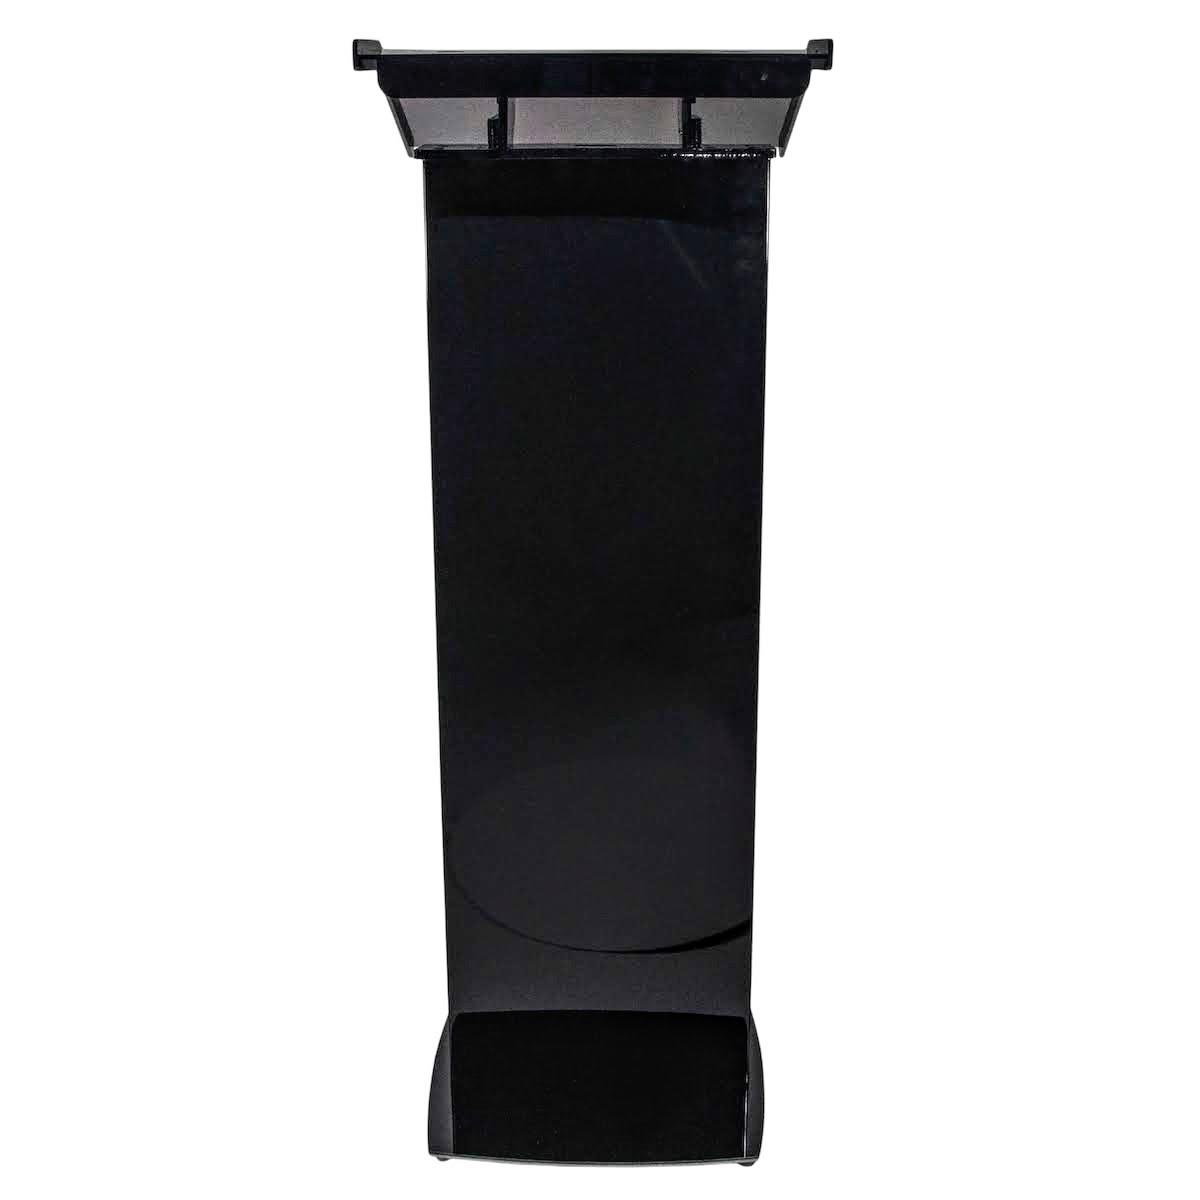 Pupitru negru, pentru conferințe, din plexiglas și aluminiu, JJ DISPLAYS